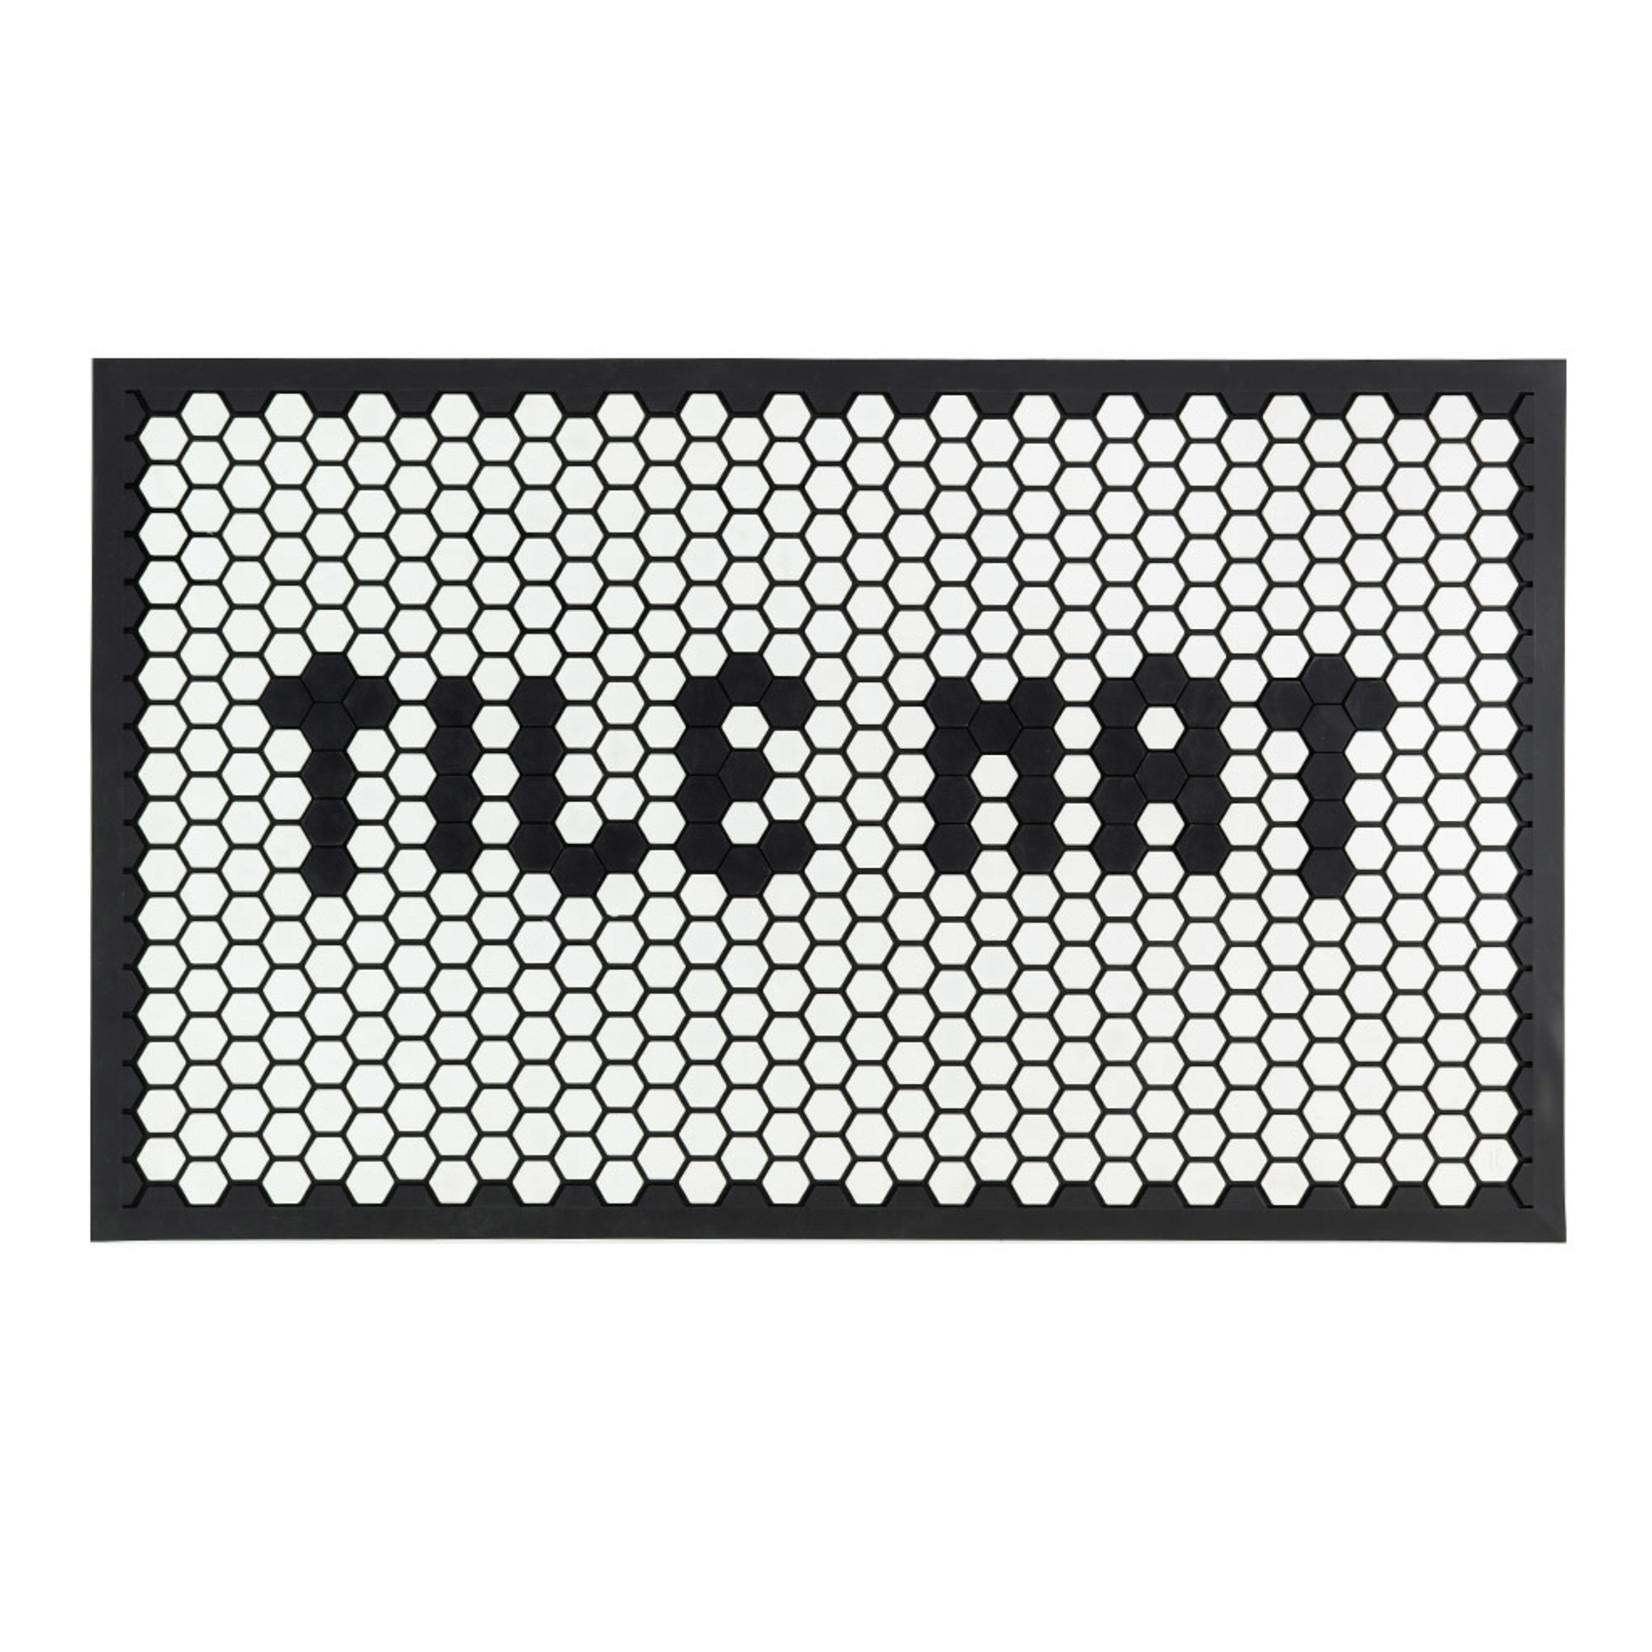 Letterfolk Letterfolk Tile Mat Standard